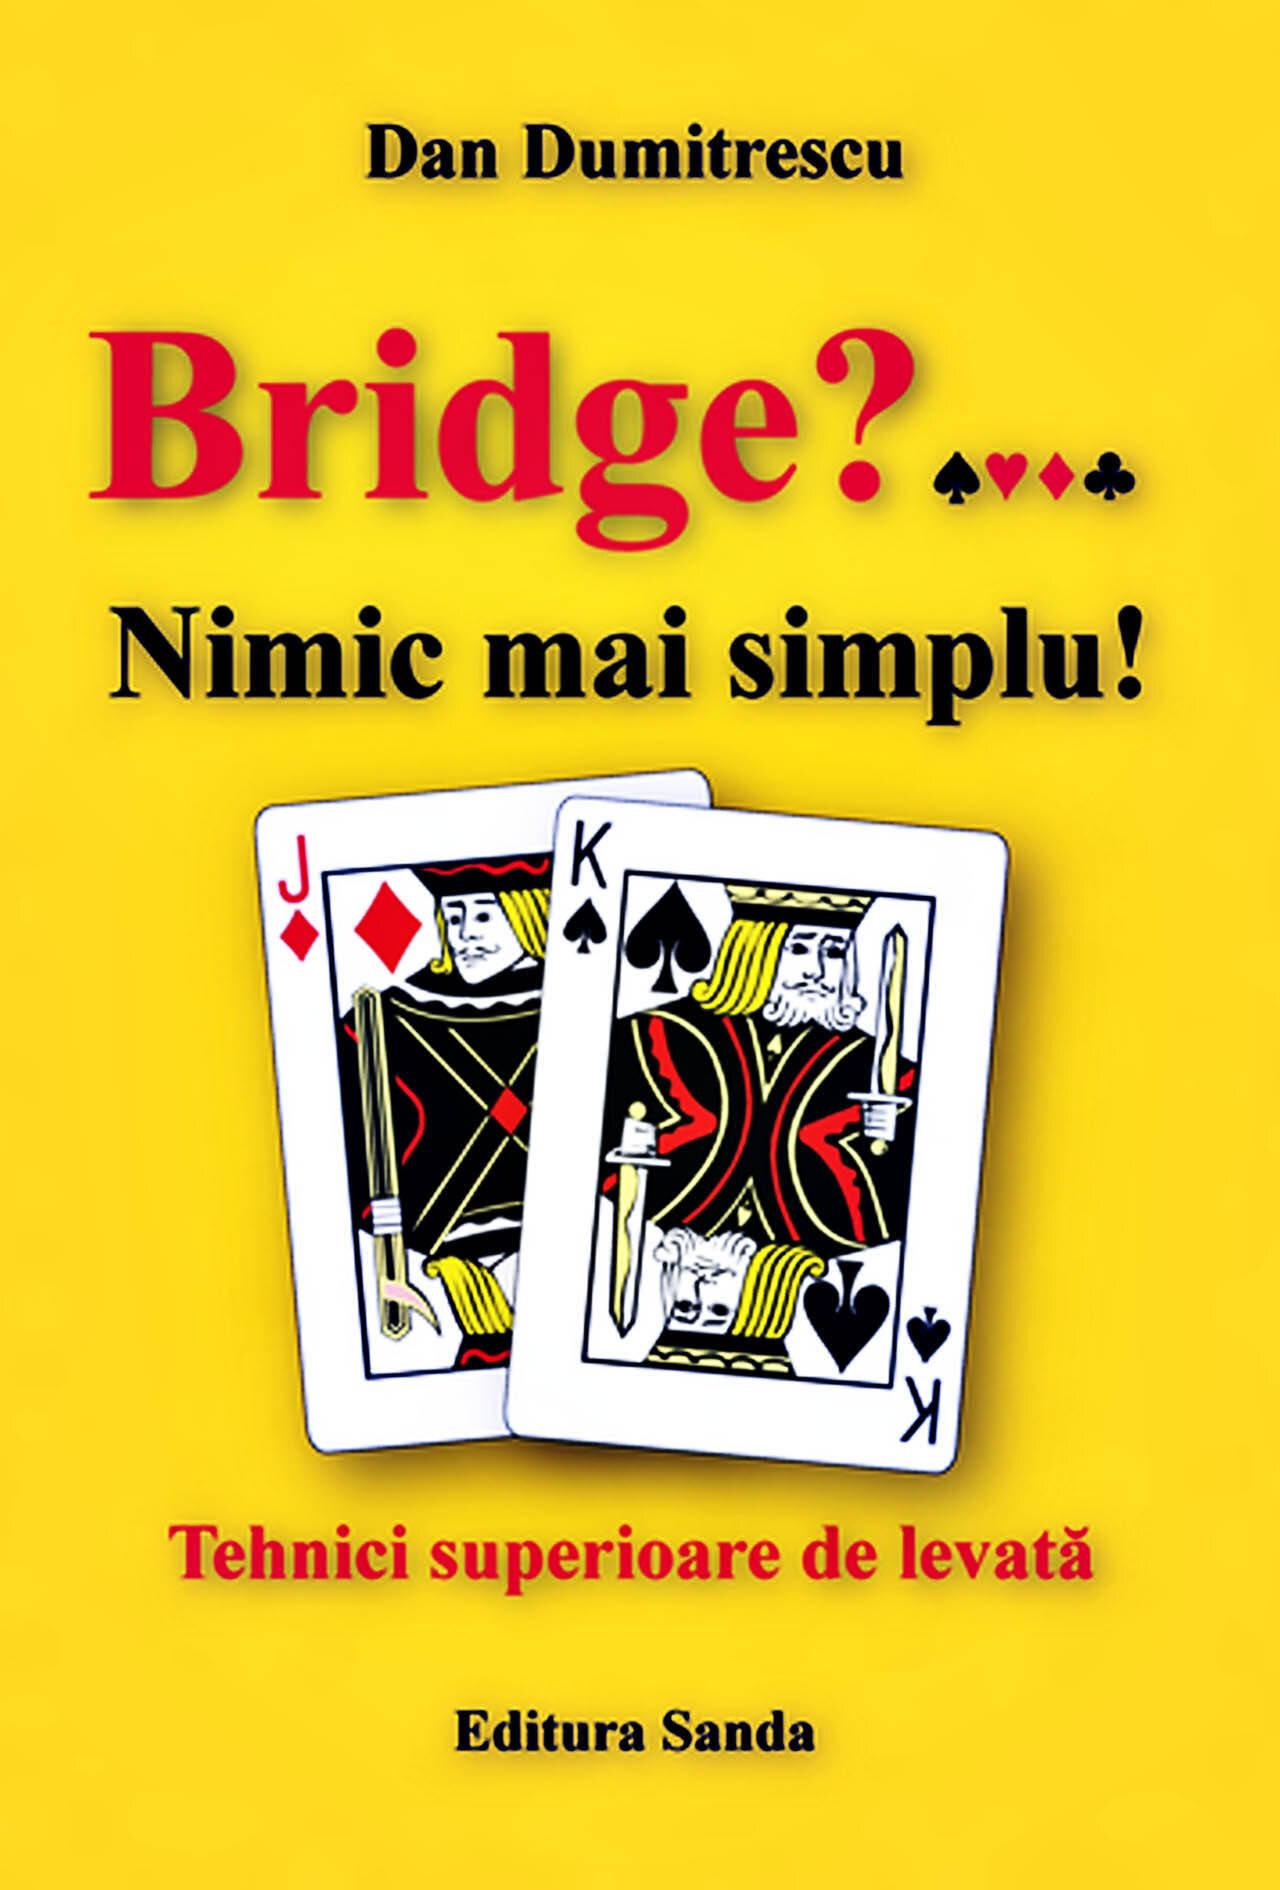 Bridge? Nimic mai simplu! Tehnici superioare de levata (eBook)